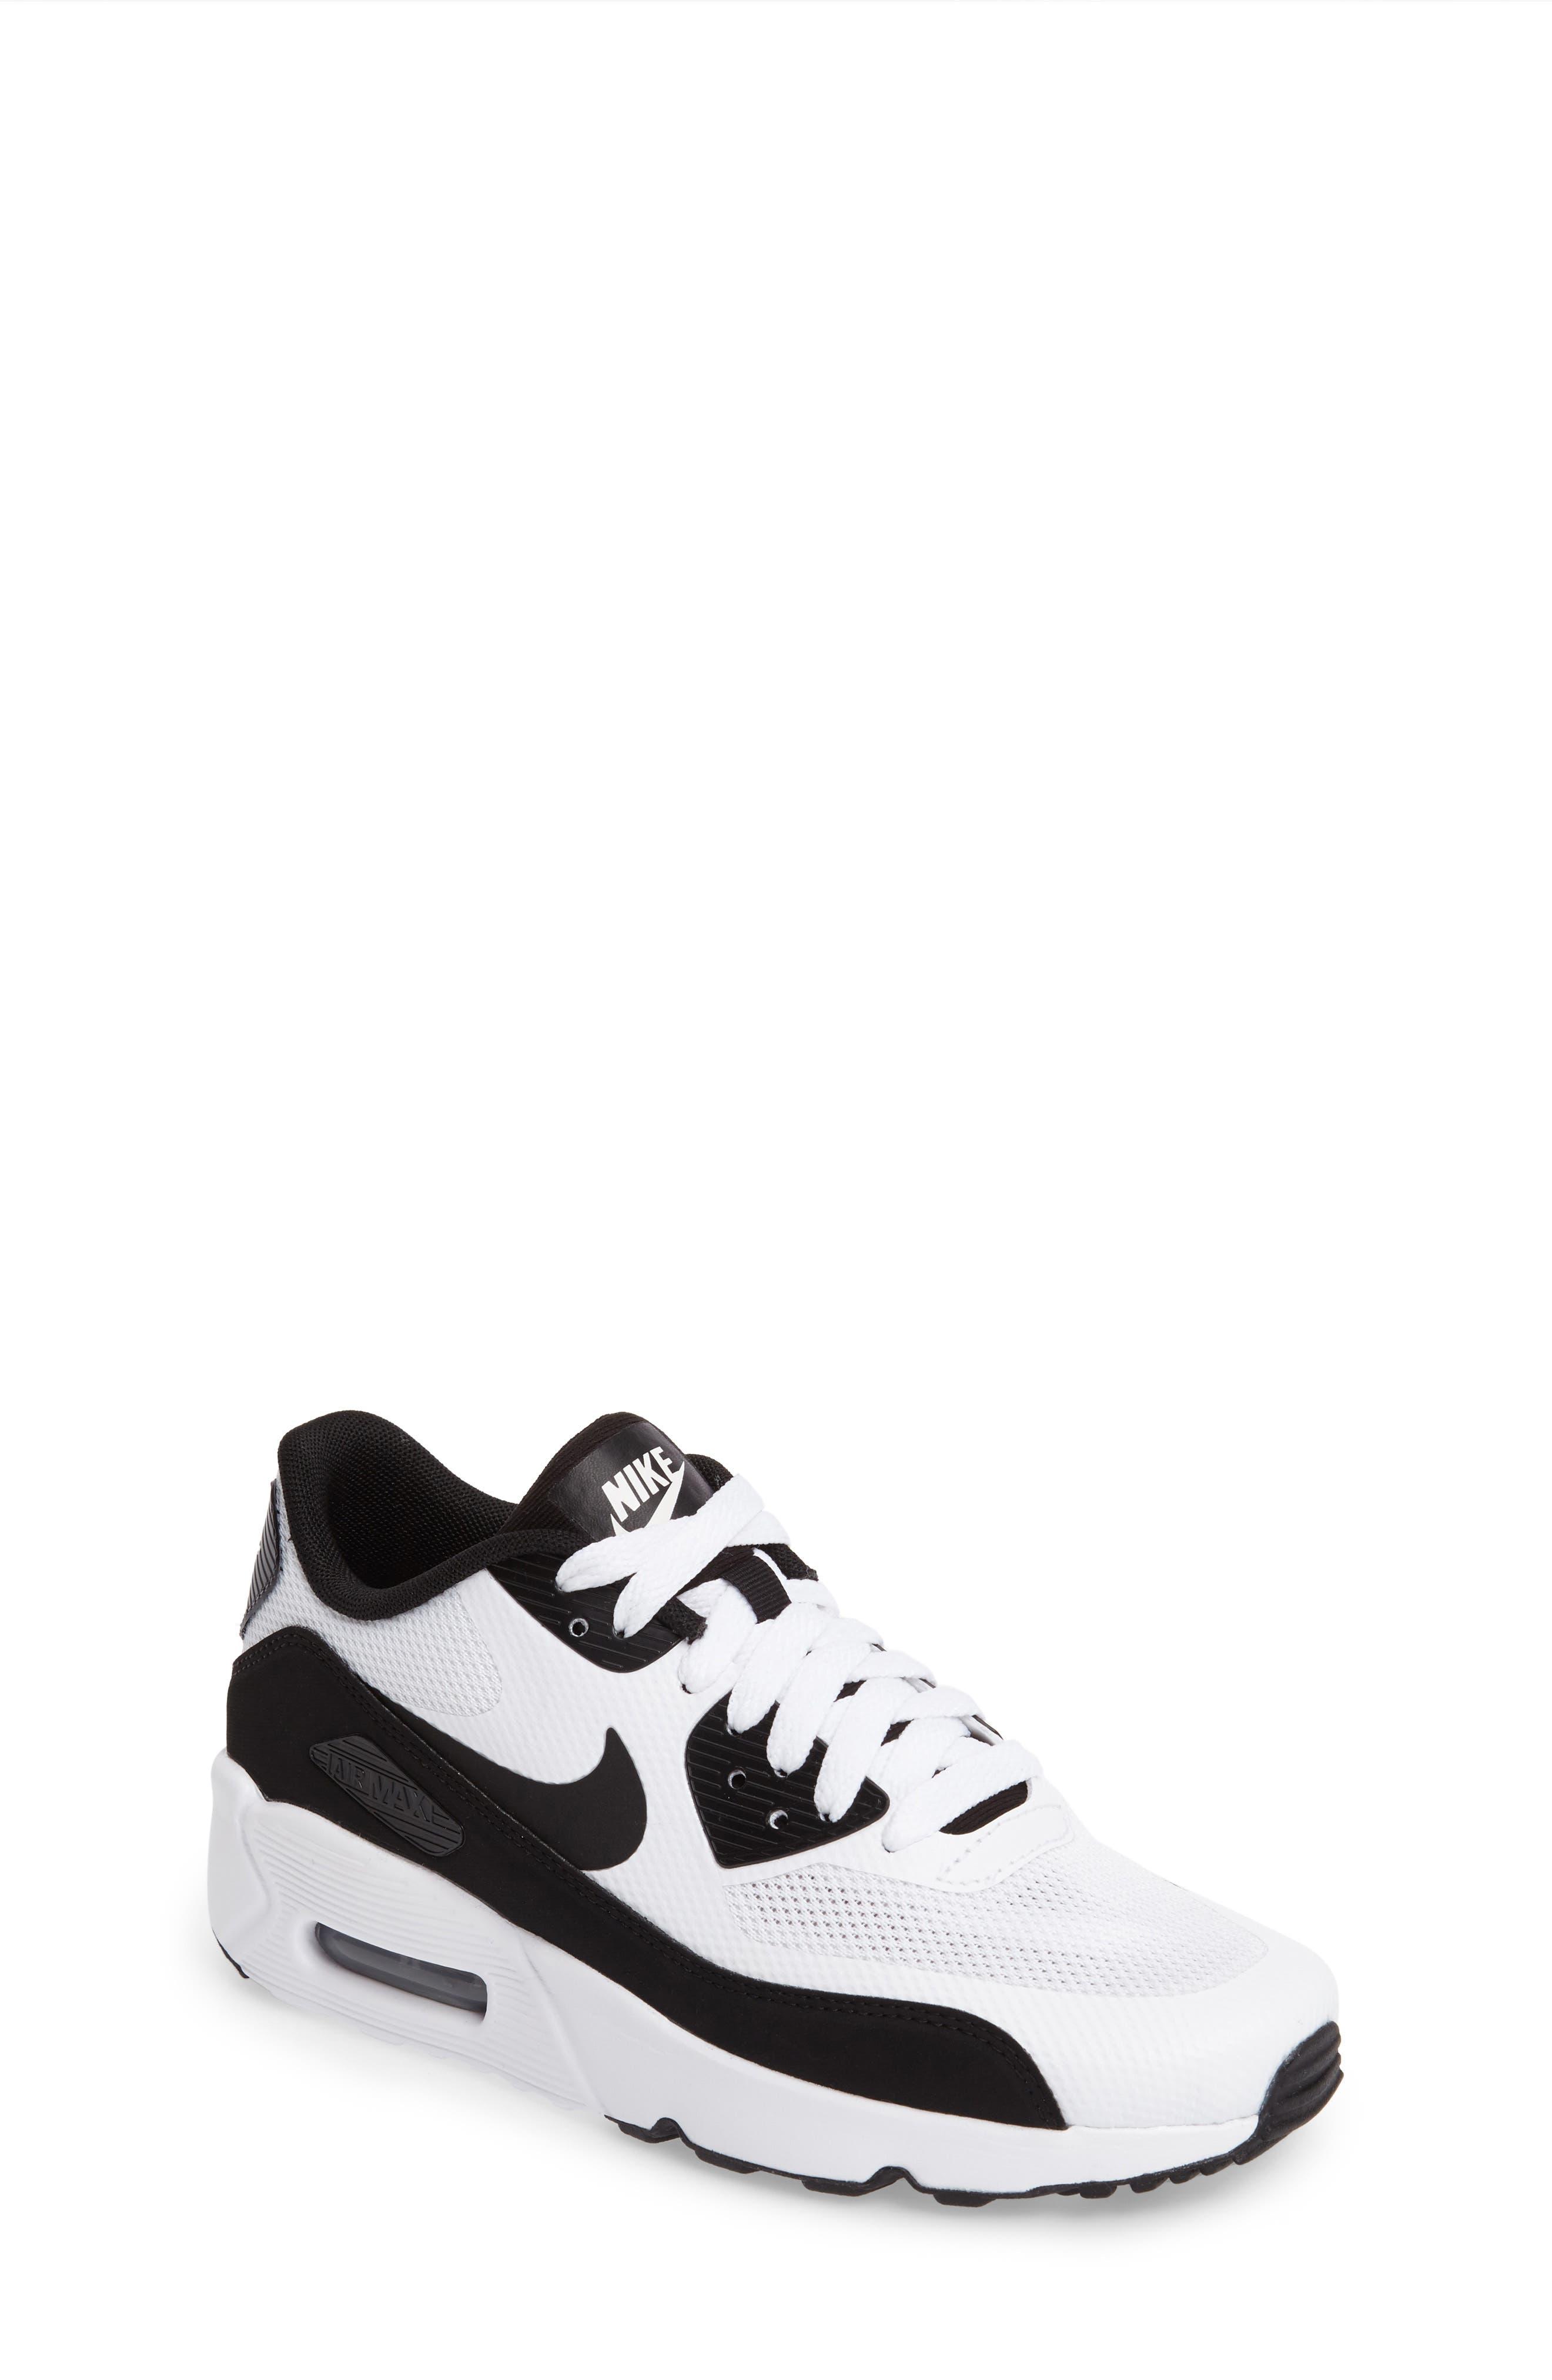 Alternate Image 1 Selected - Nike Air Max 90 Ultra 2.0 GS Sneaker (Big Kid)